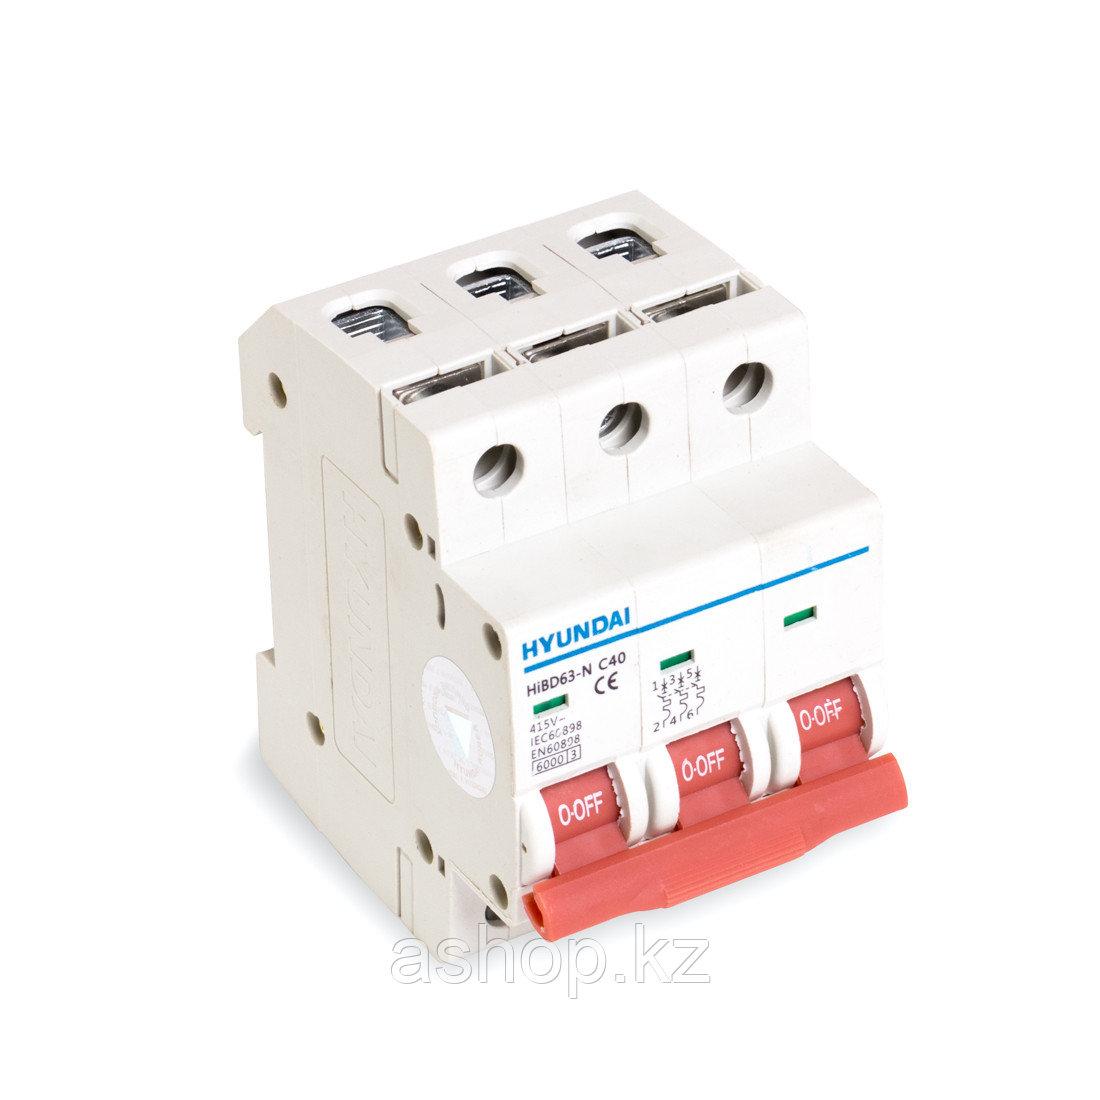 Автоматический выключатель реечный Hyundai HiBD63-N 3P 6А, 230/400 В, Кол-во полюсов: 3, Предел отключения: 6